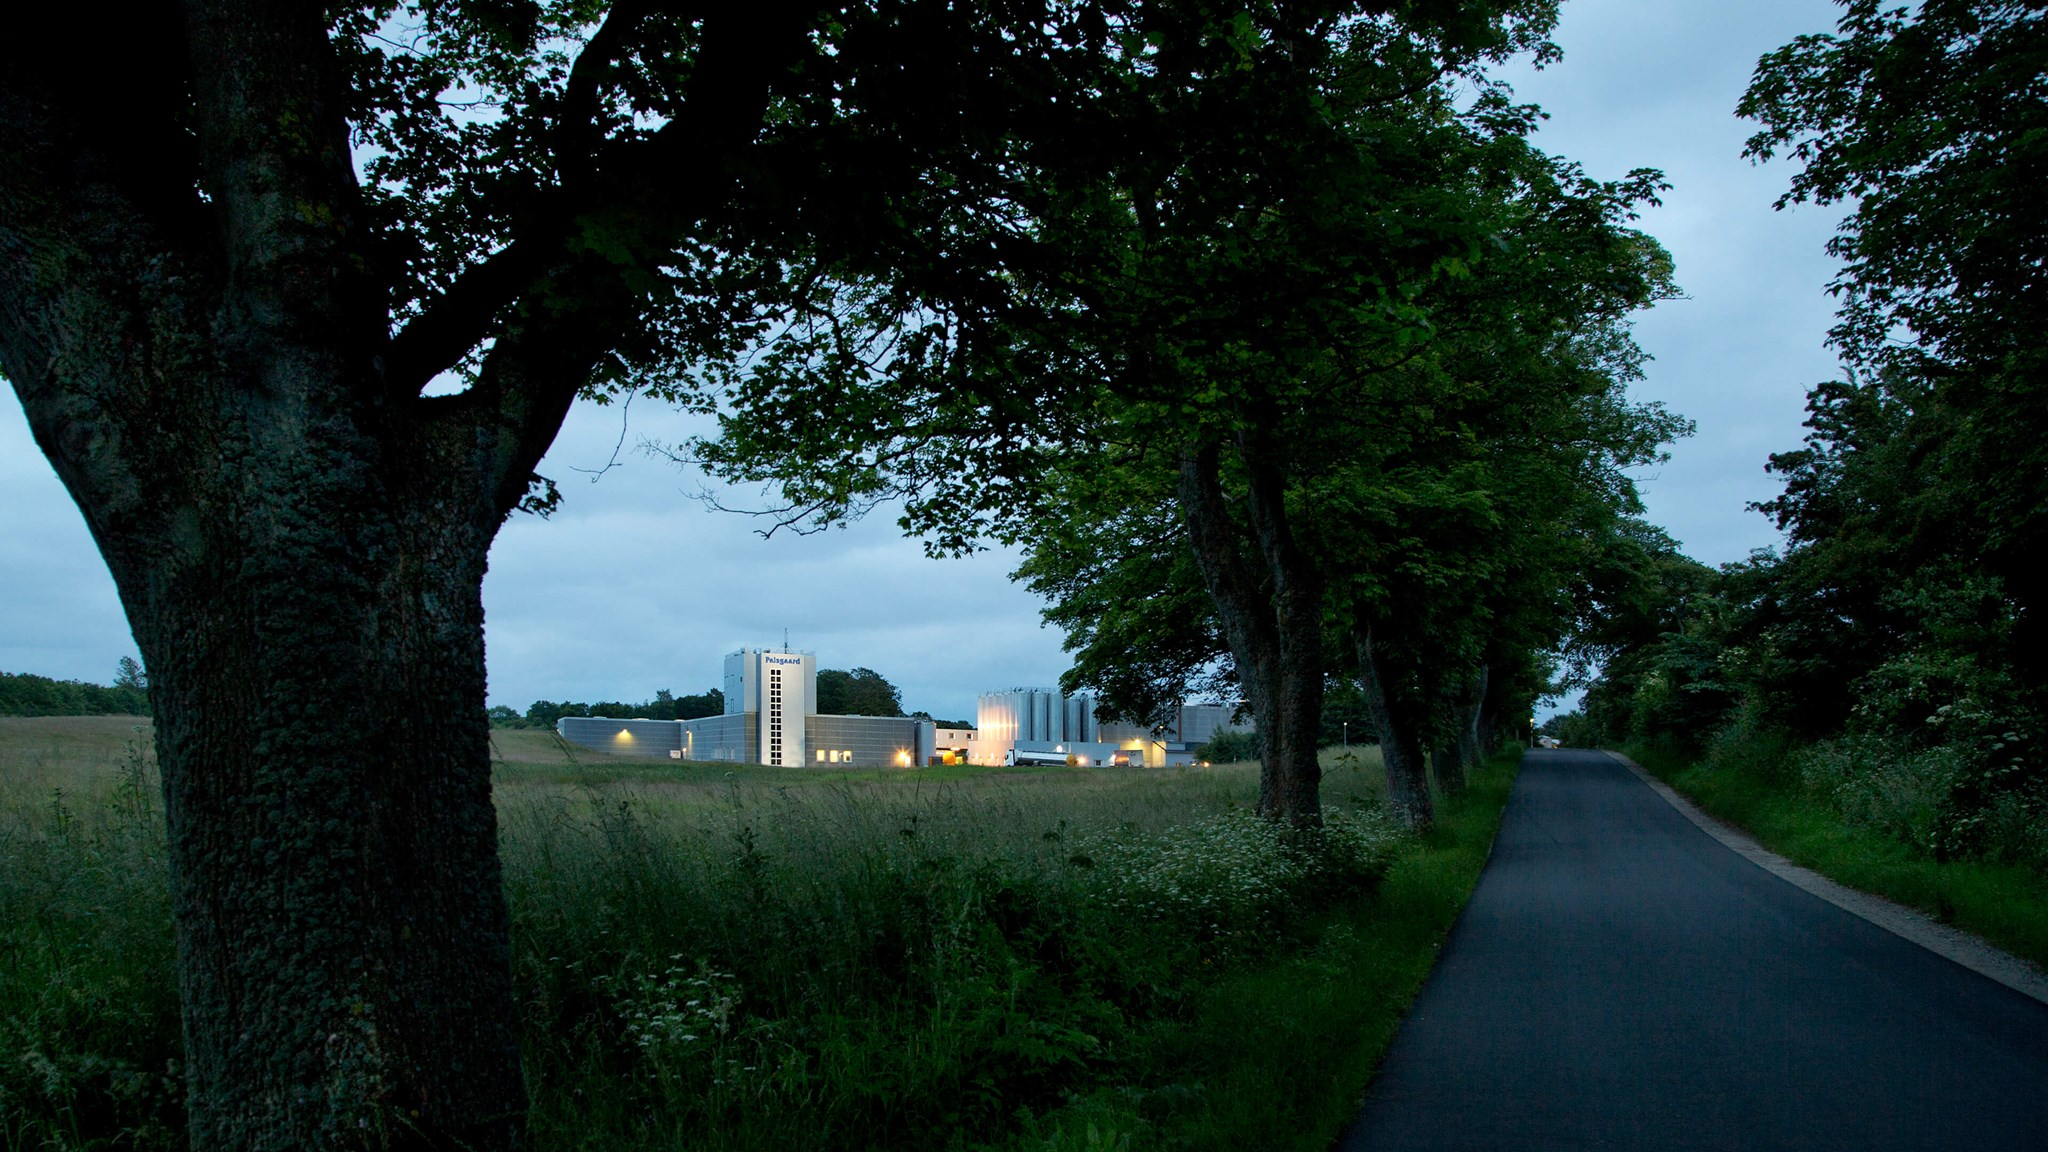 Palsgaard Denmark Emulsifier Factory